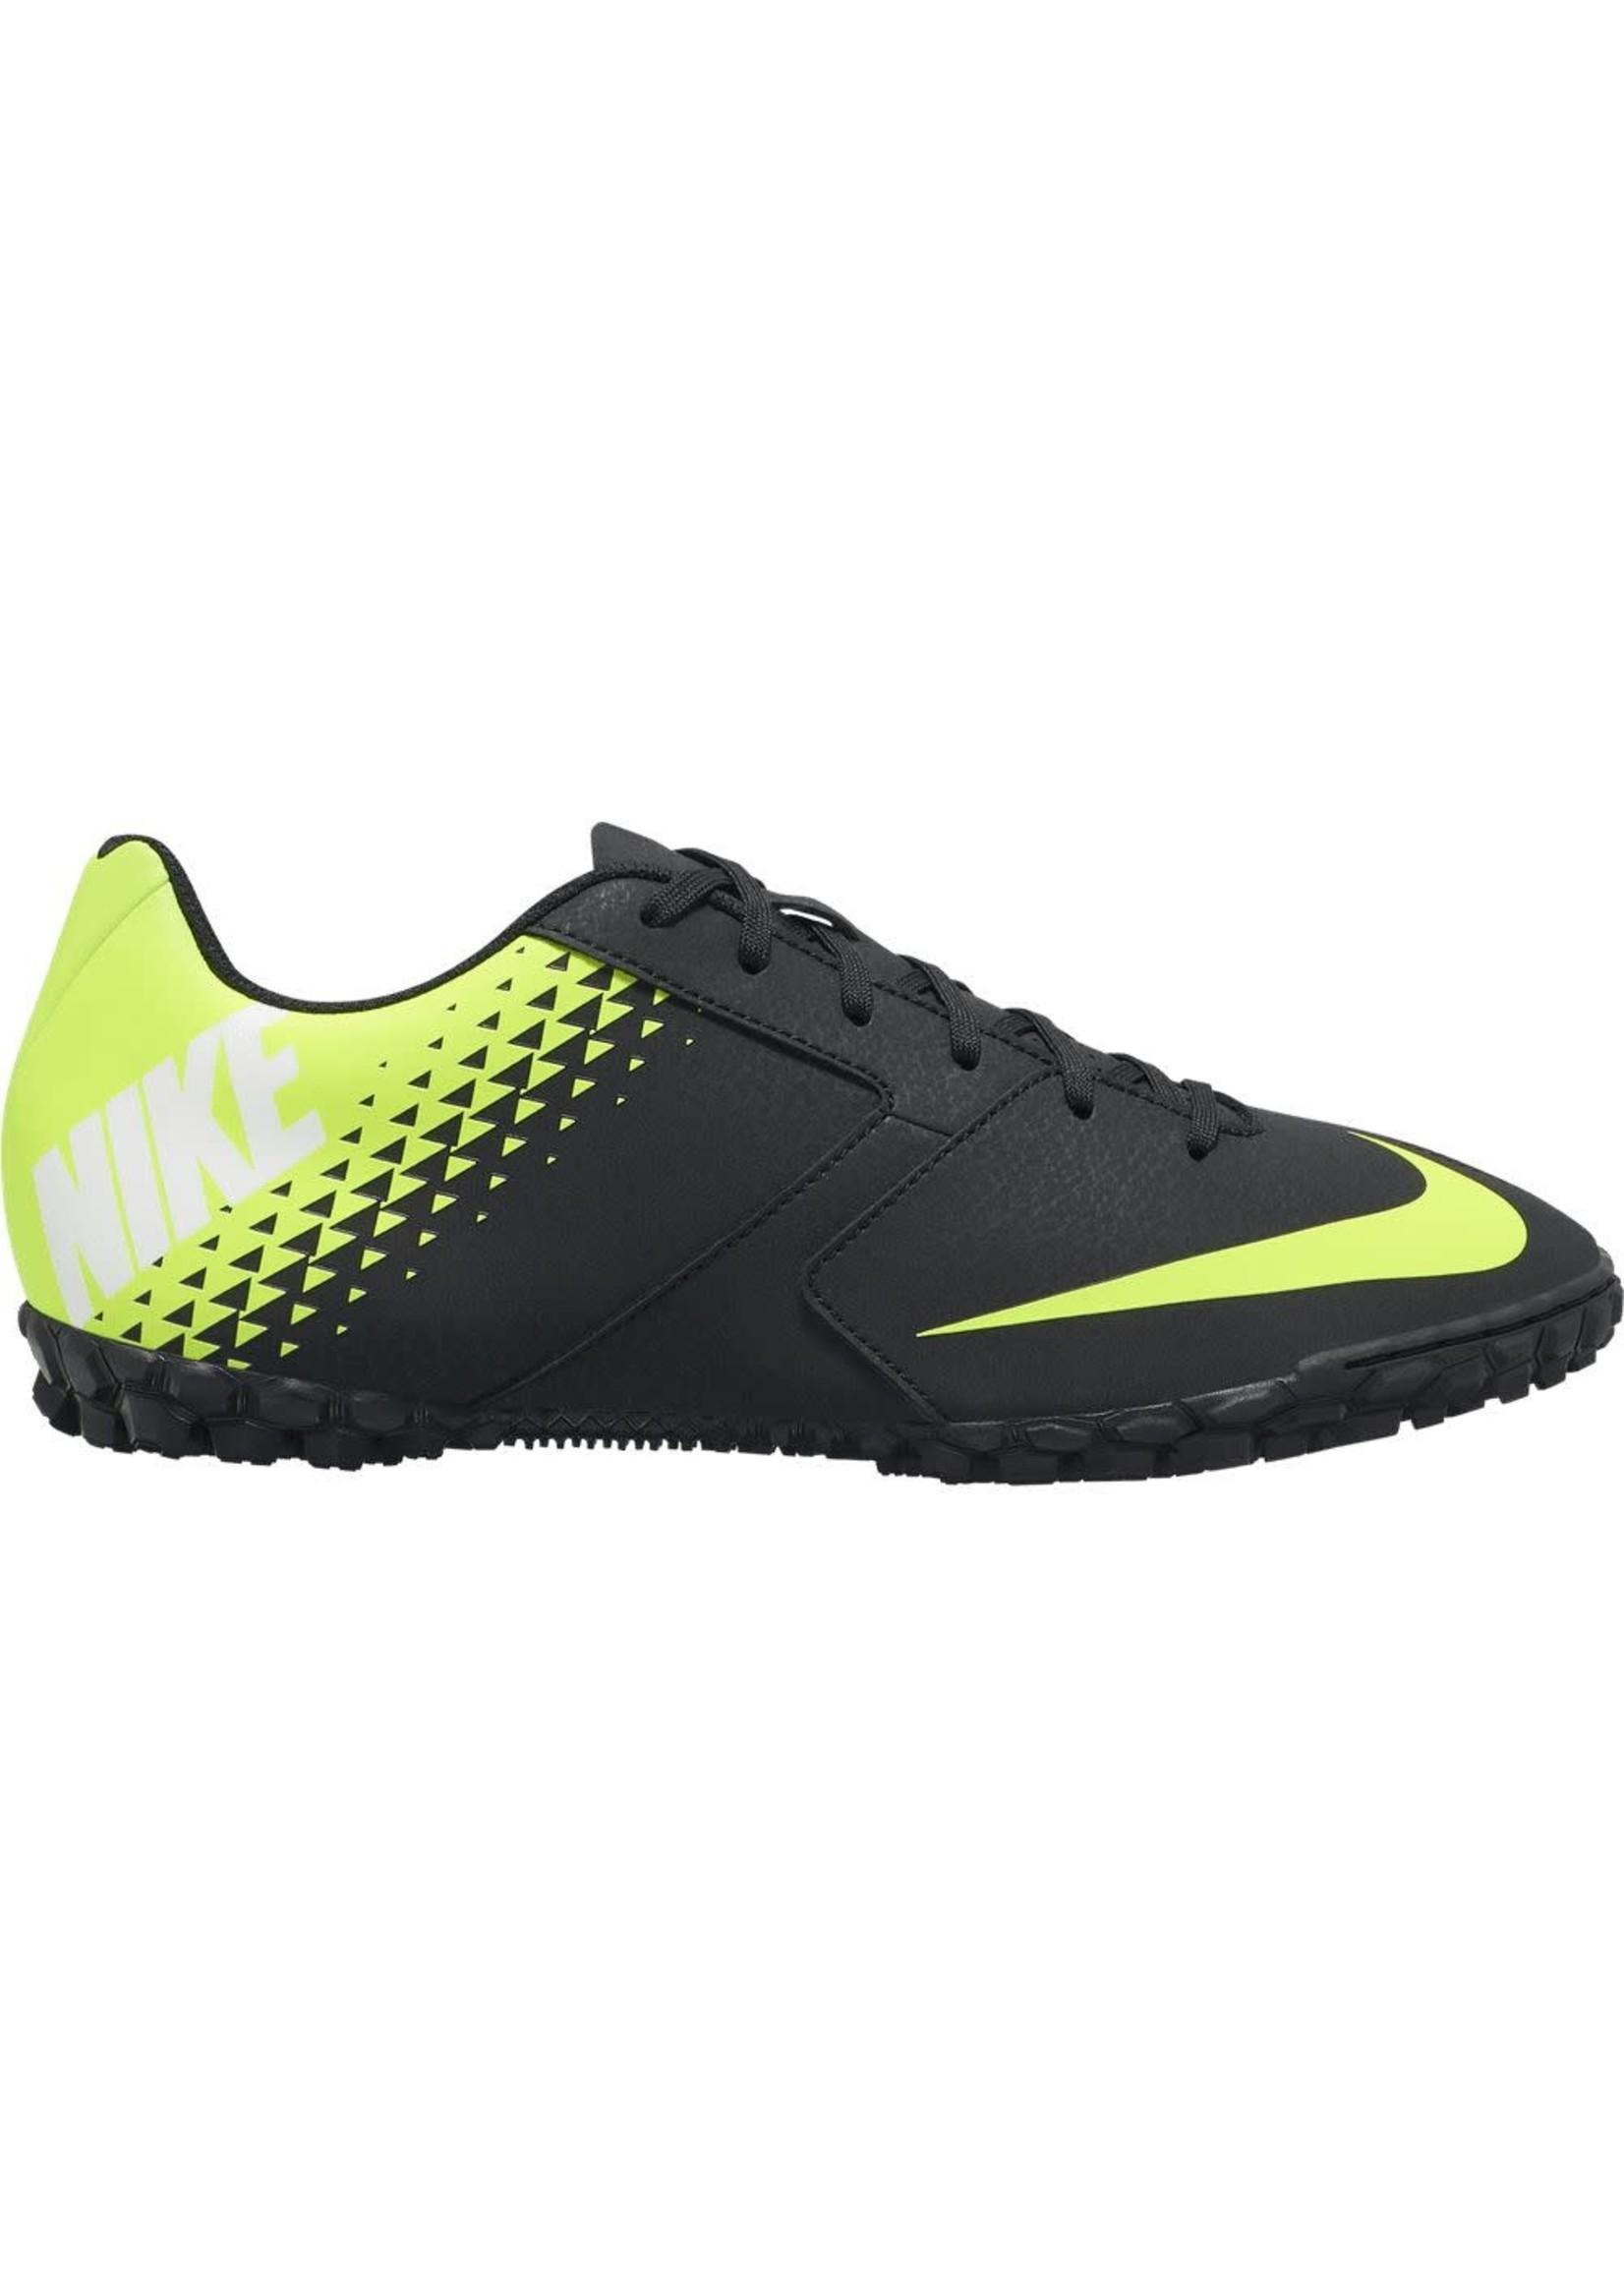 Nike Bomba TF - Black/Volt